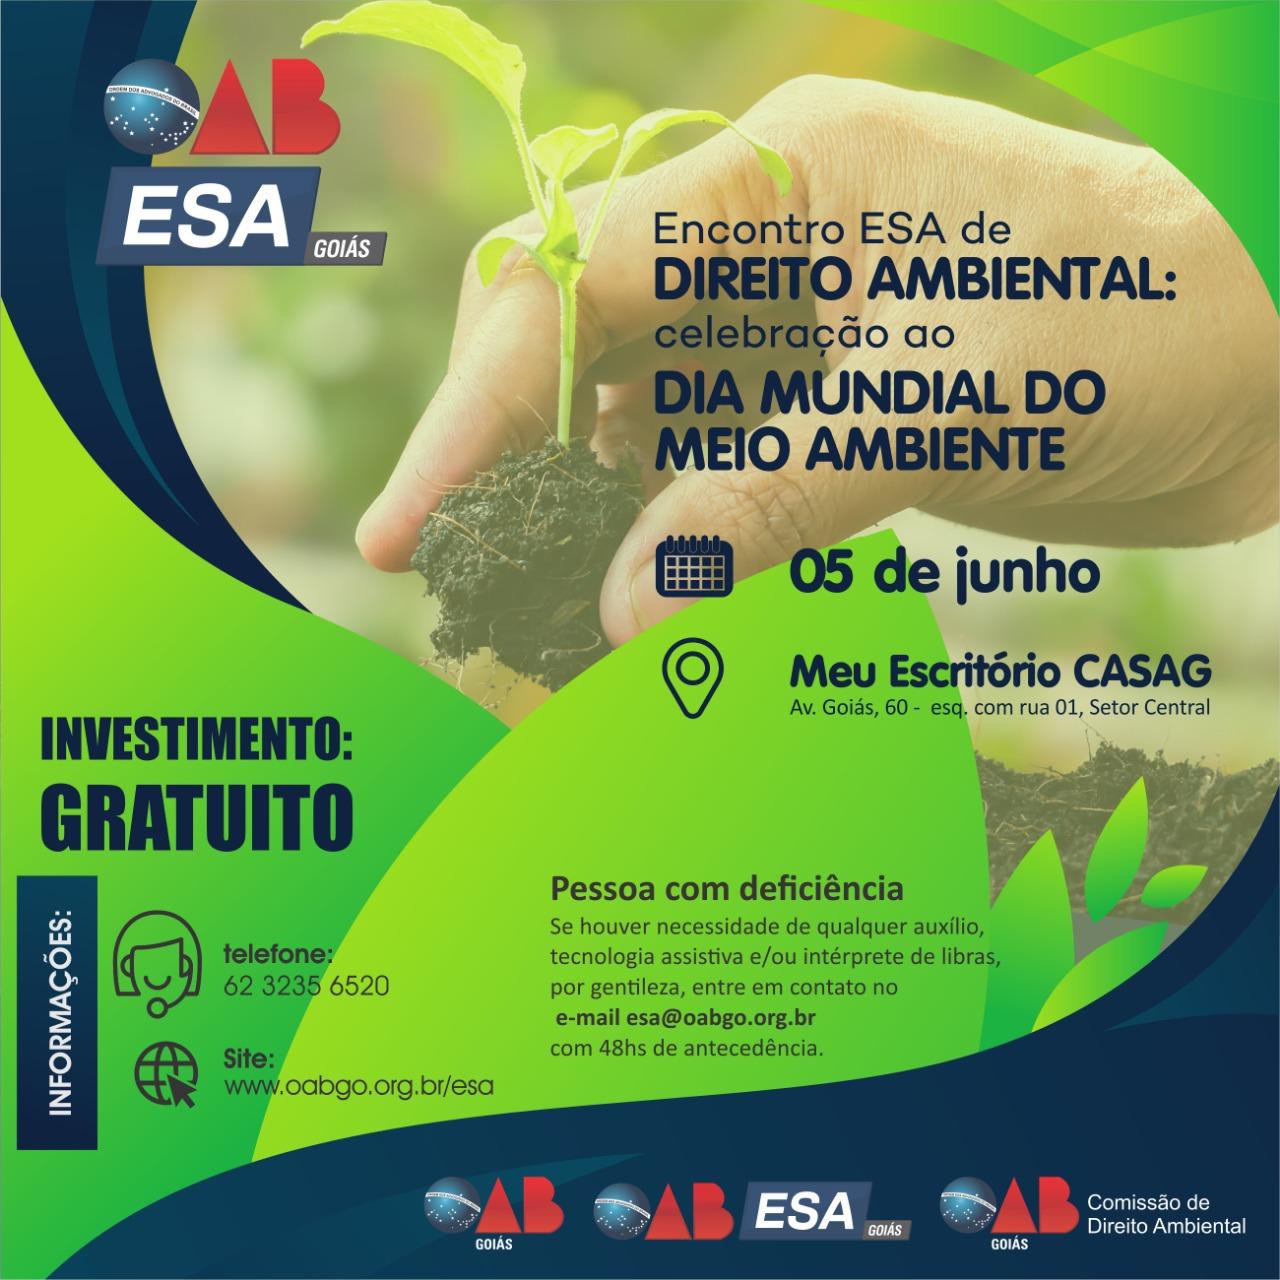 05.06 - Celebração ao Dia Mundial do Meio Ambiente